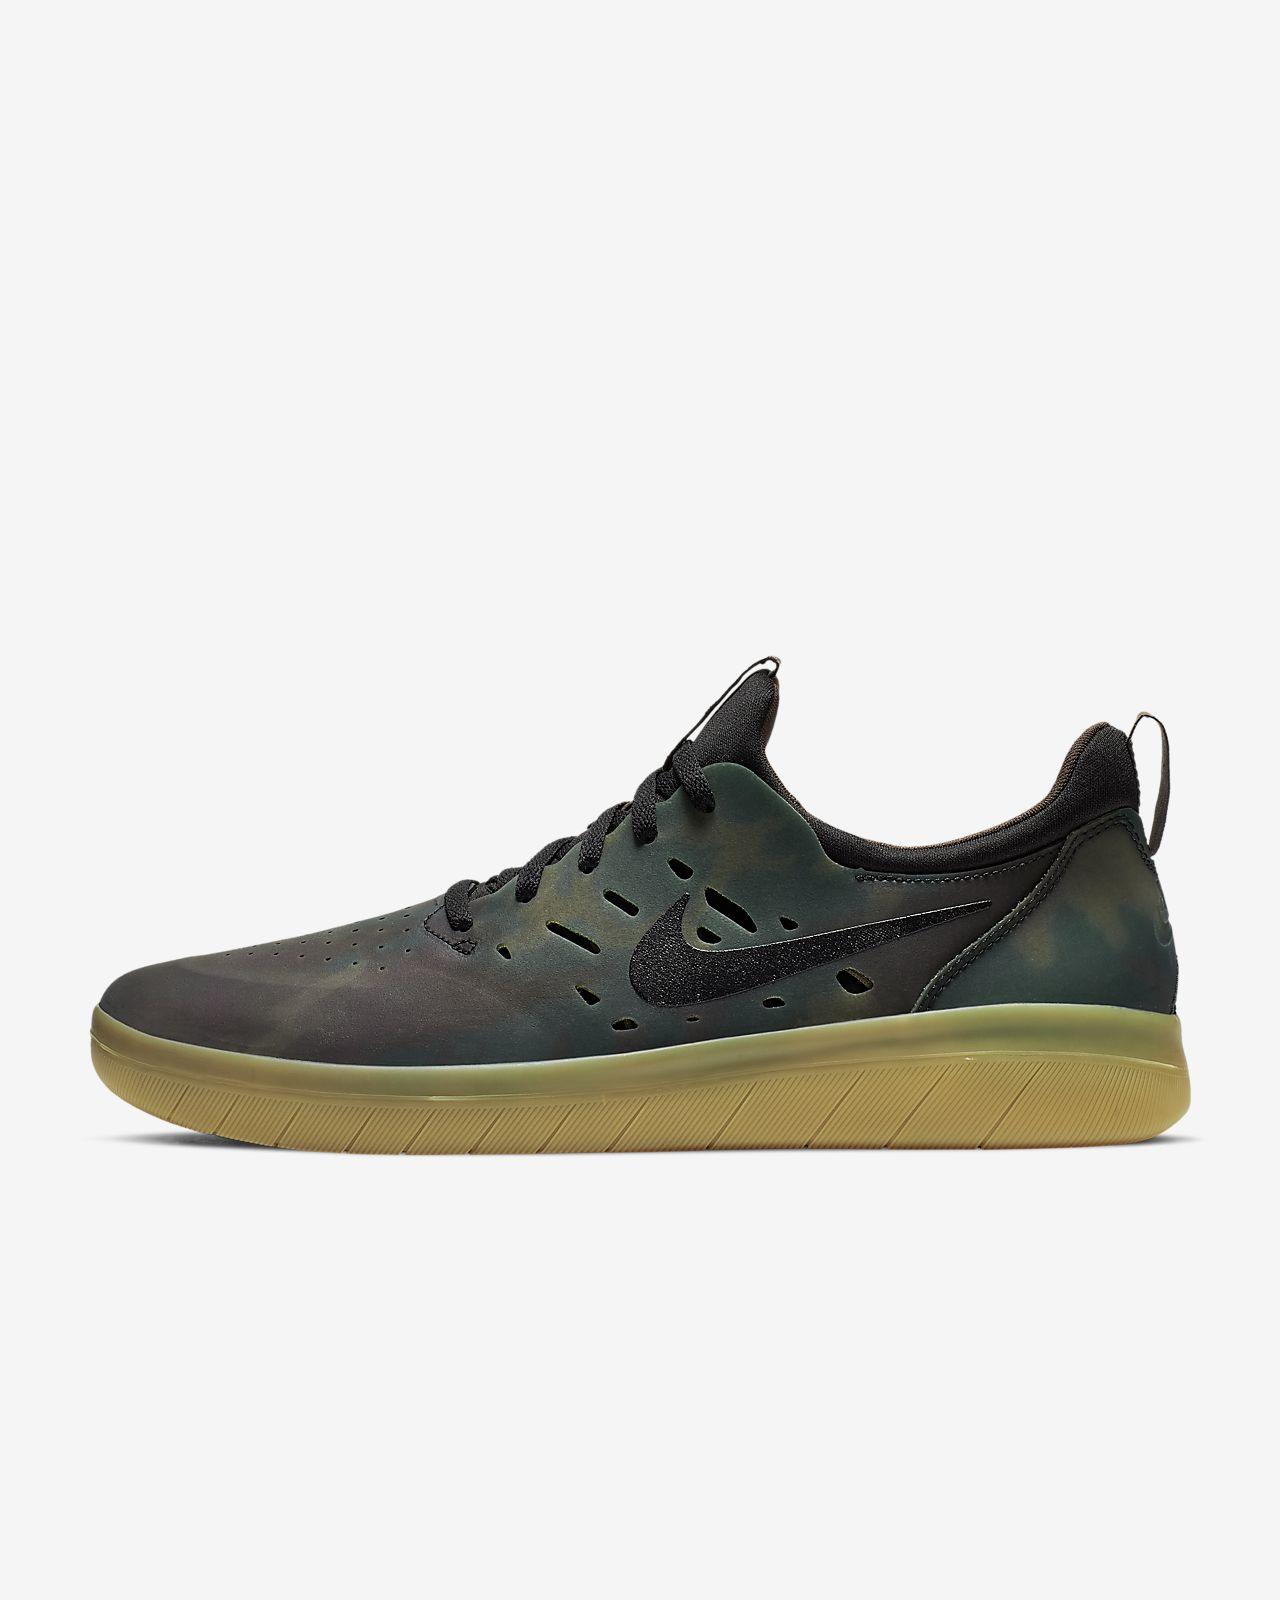 Skateboardová bota Nike SB Nyjah Free Premium